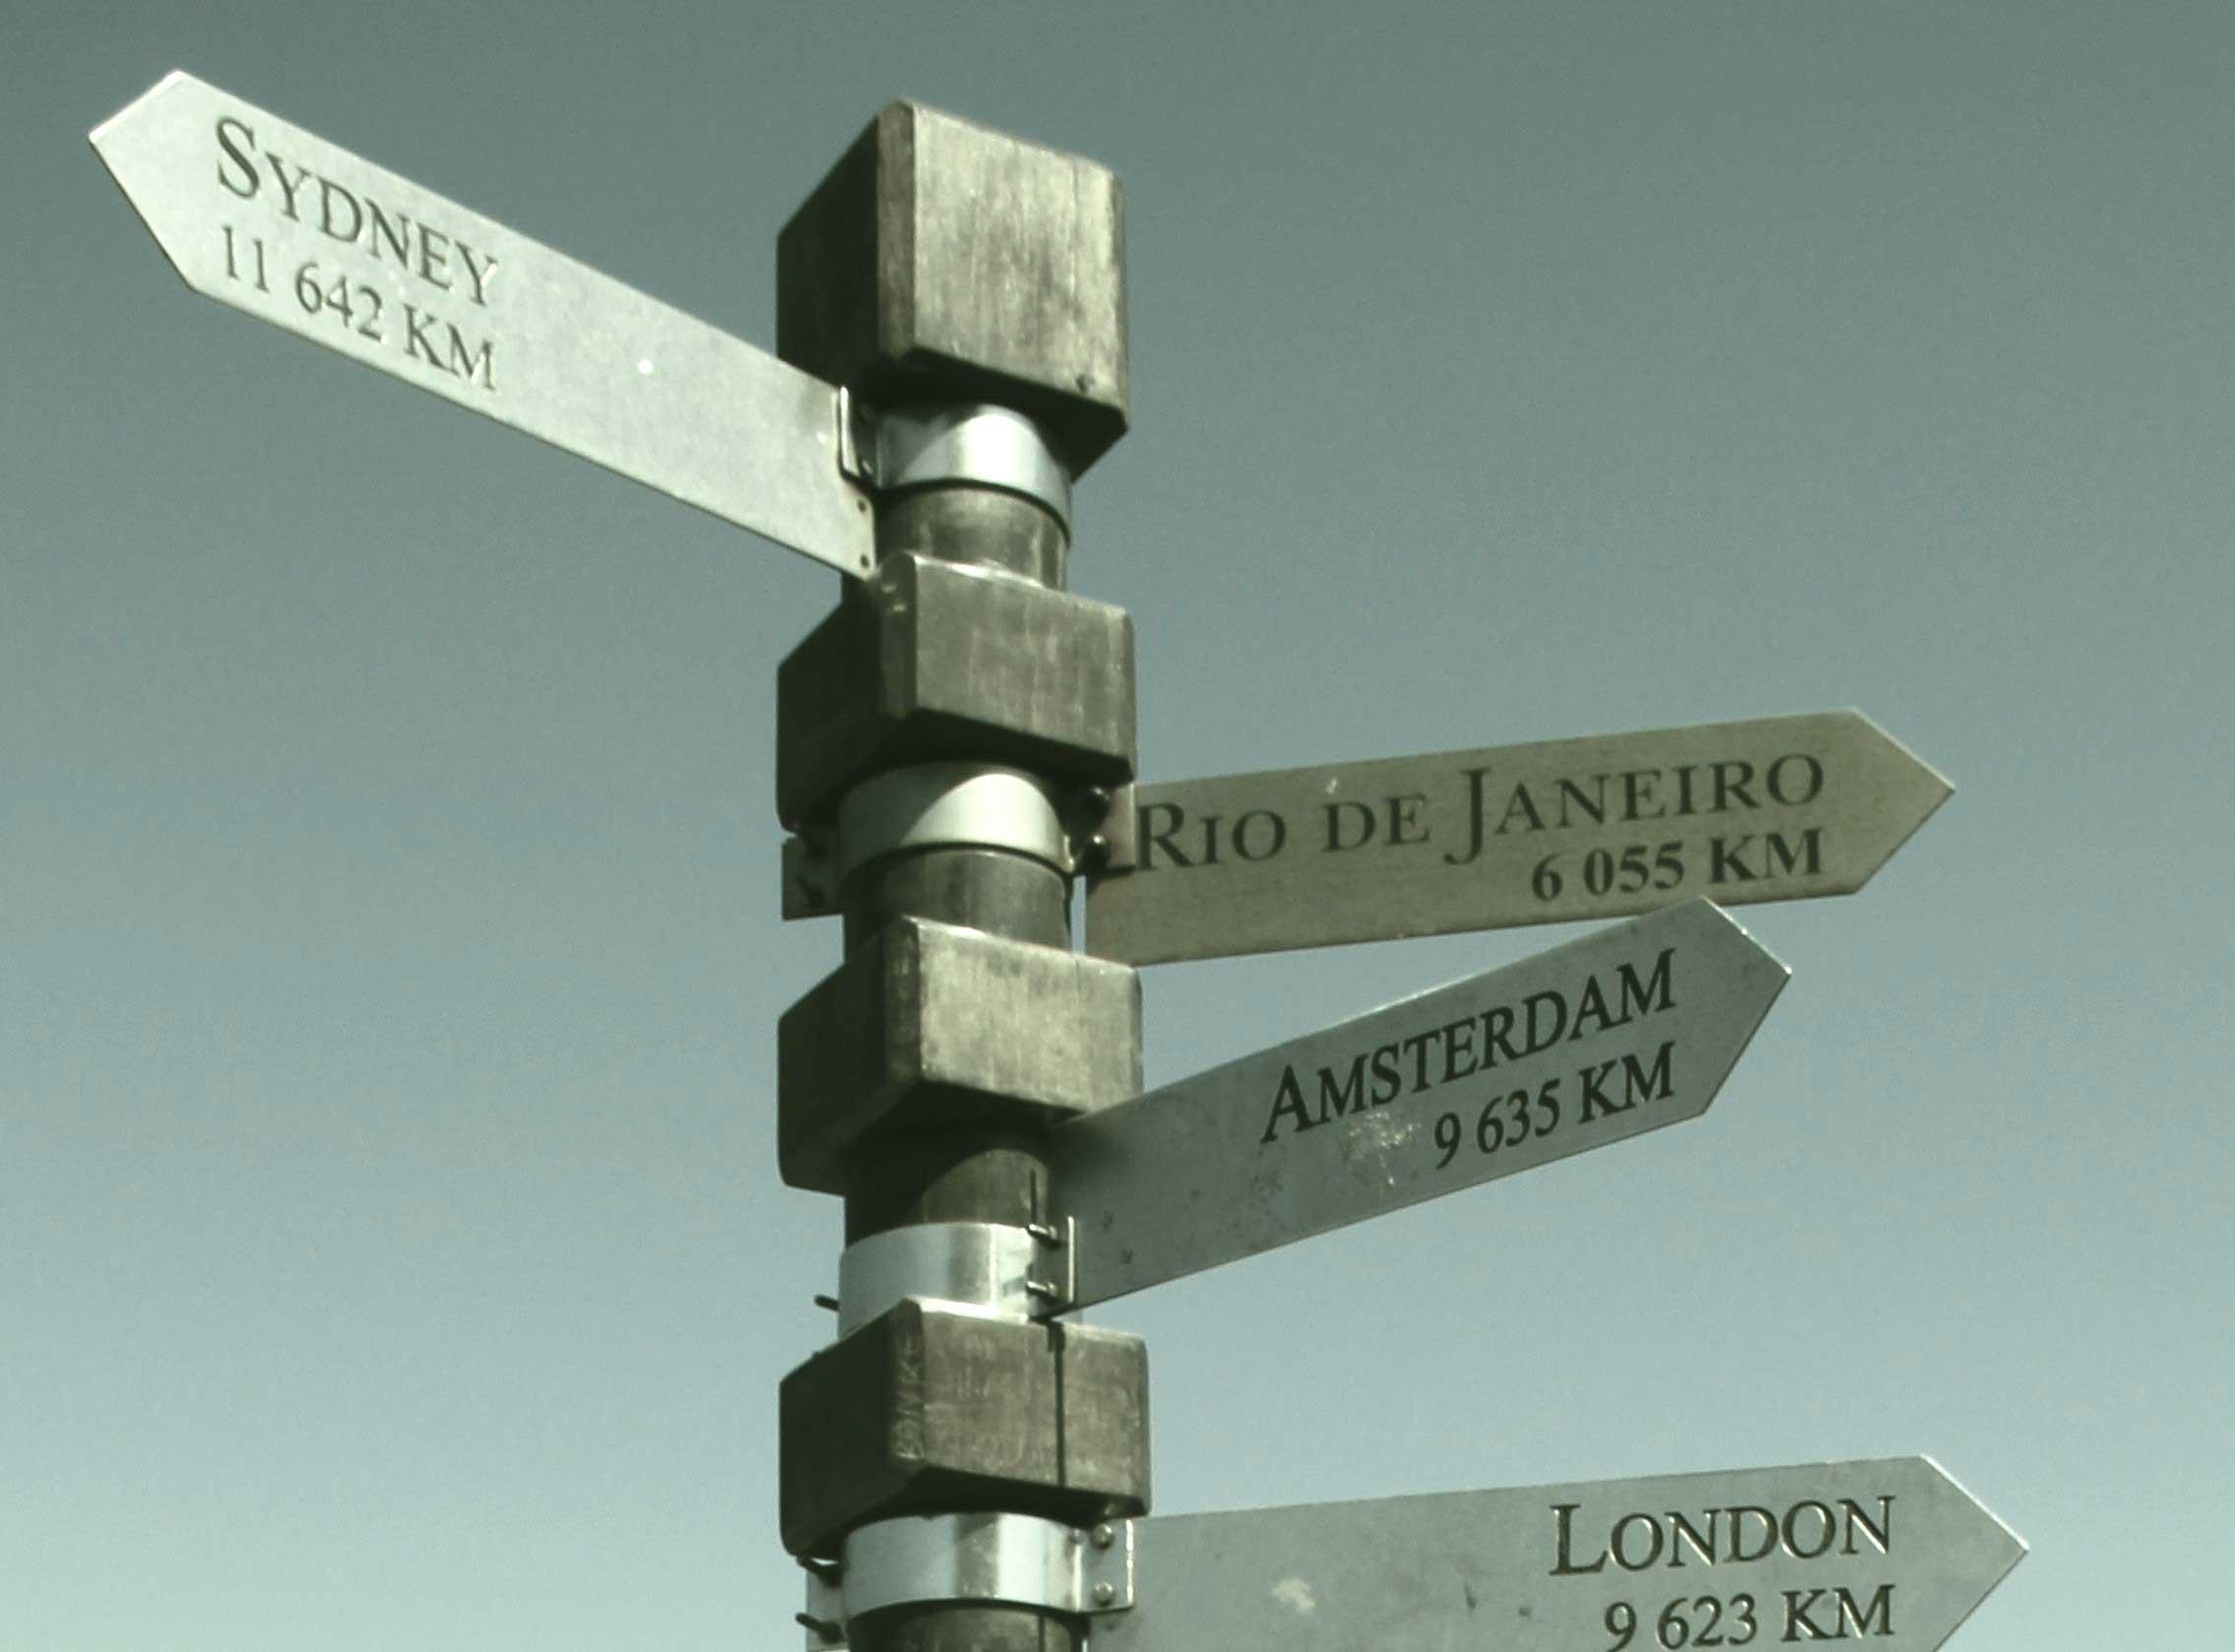 Schilder, die die Entfernungen und Richtungen zu unterschiedlichen Weltstädten zeigen